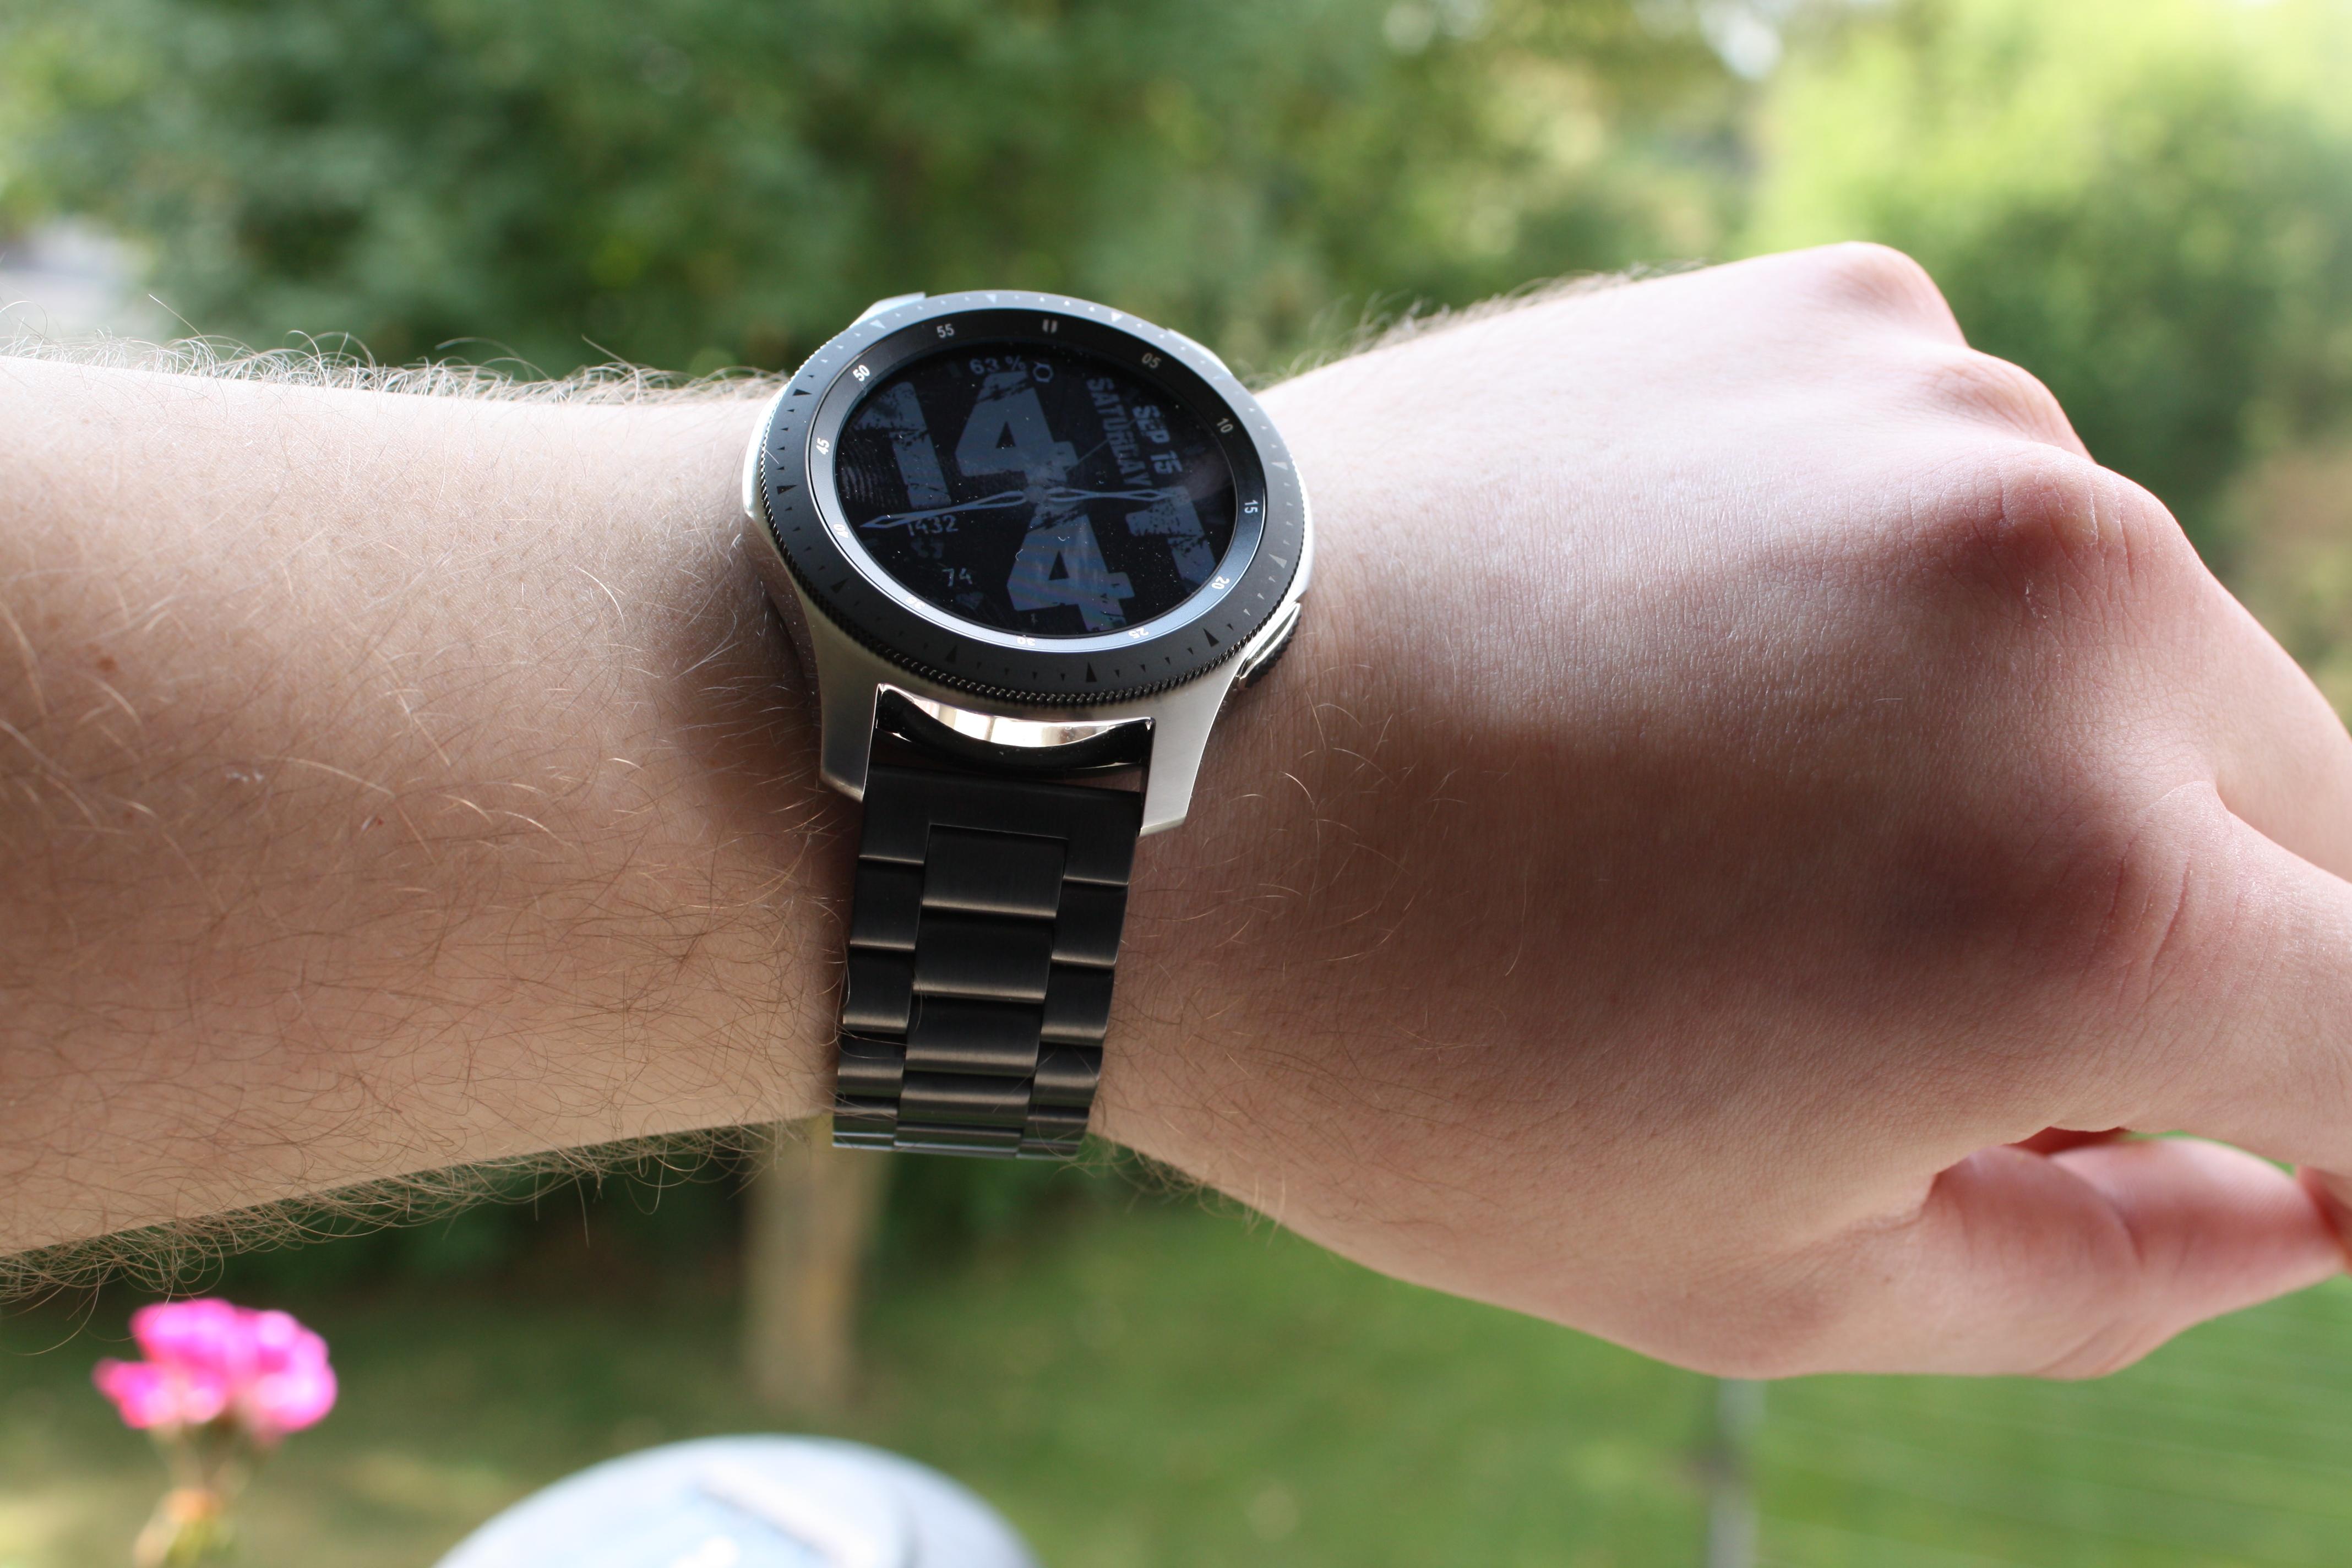 Watch UpdateSamsung Galaxy Ausprobiert Armbändern Anderen Mit sQxthrCd